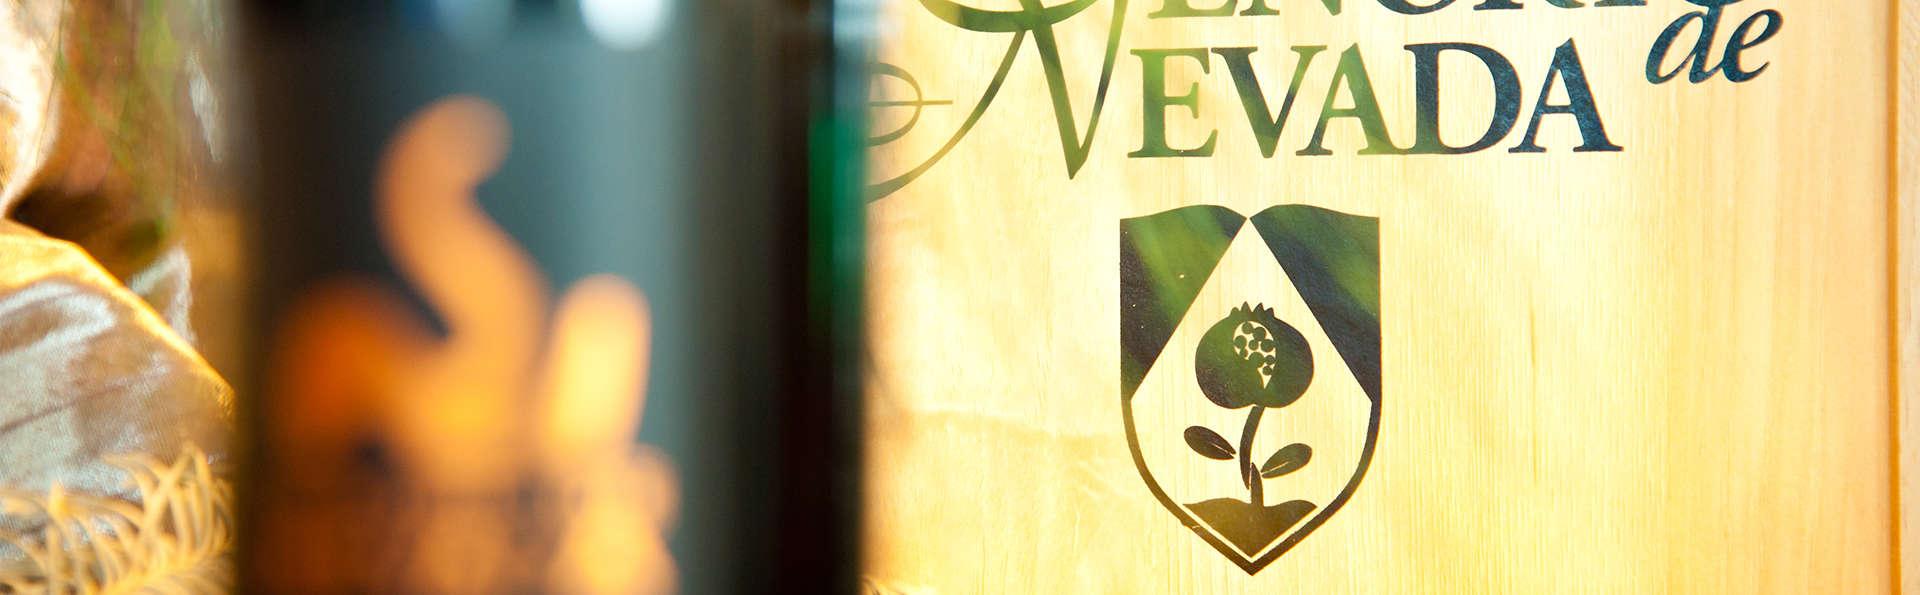 Hotel & Winery Señorío de Nevada - EDIT_Vino2.jpg